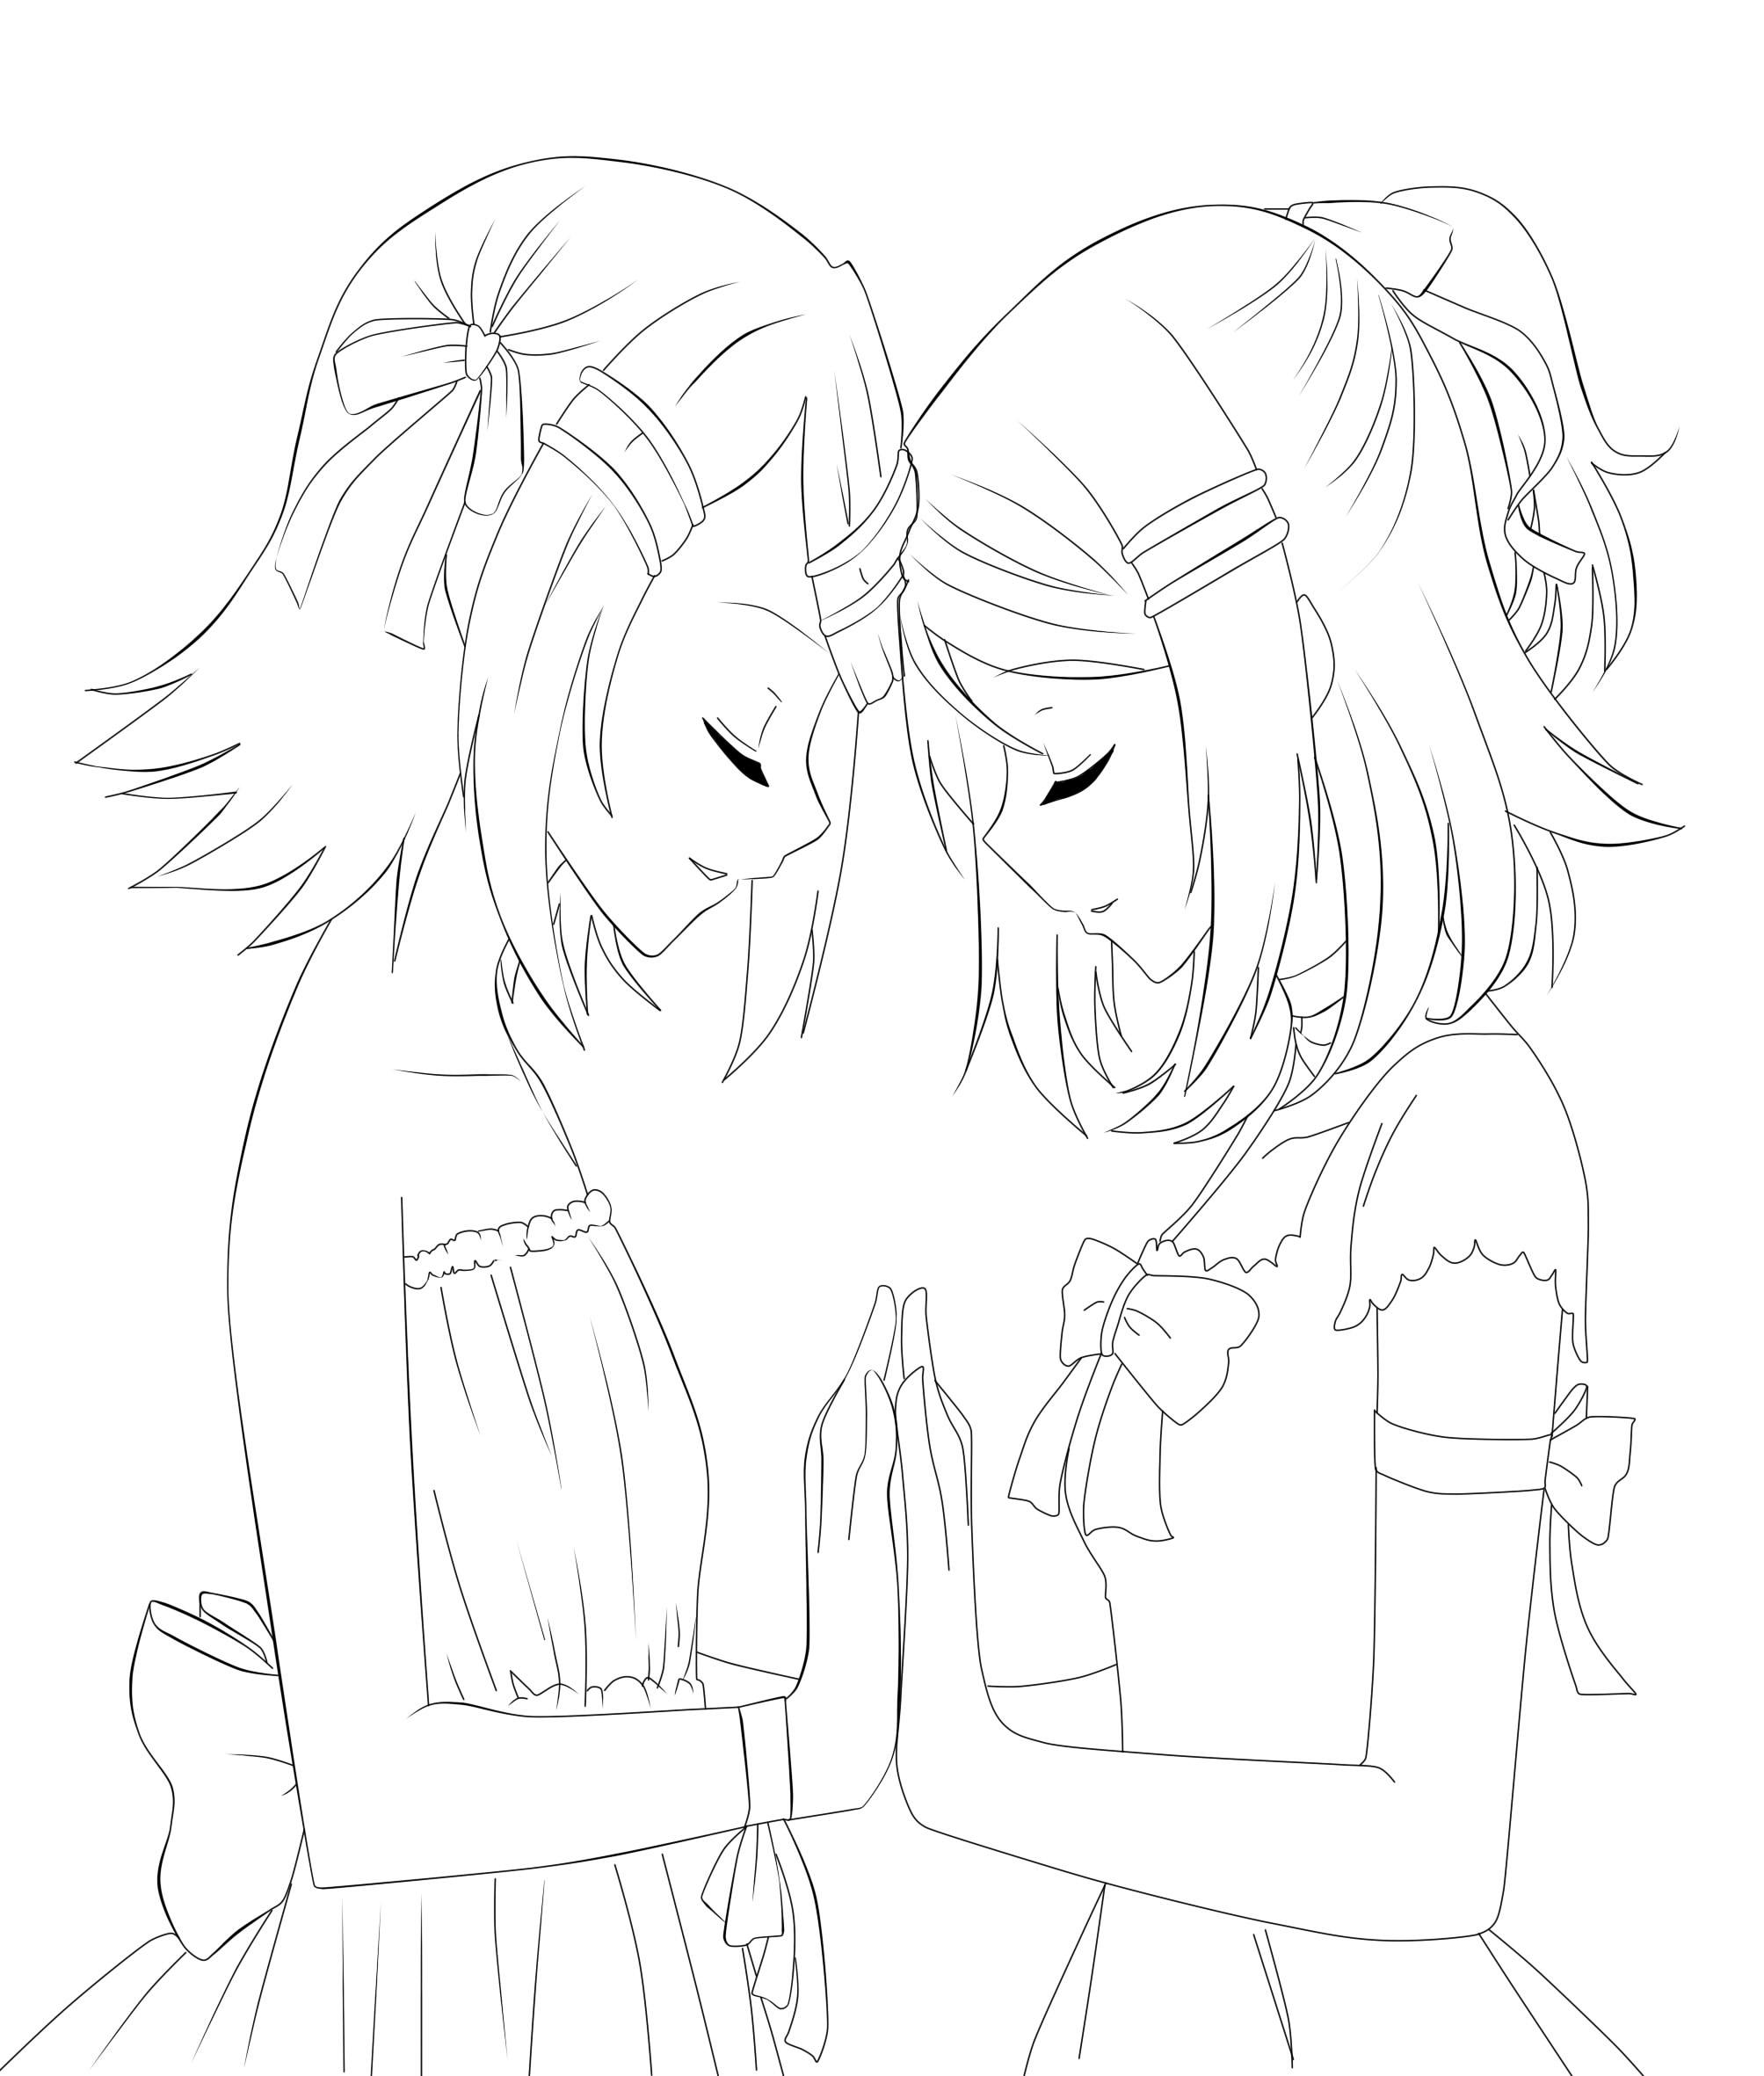 Zerochan Lineart : Vocaloid image  zerochan anime board